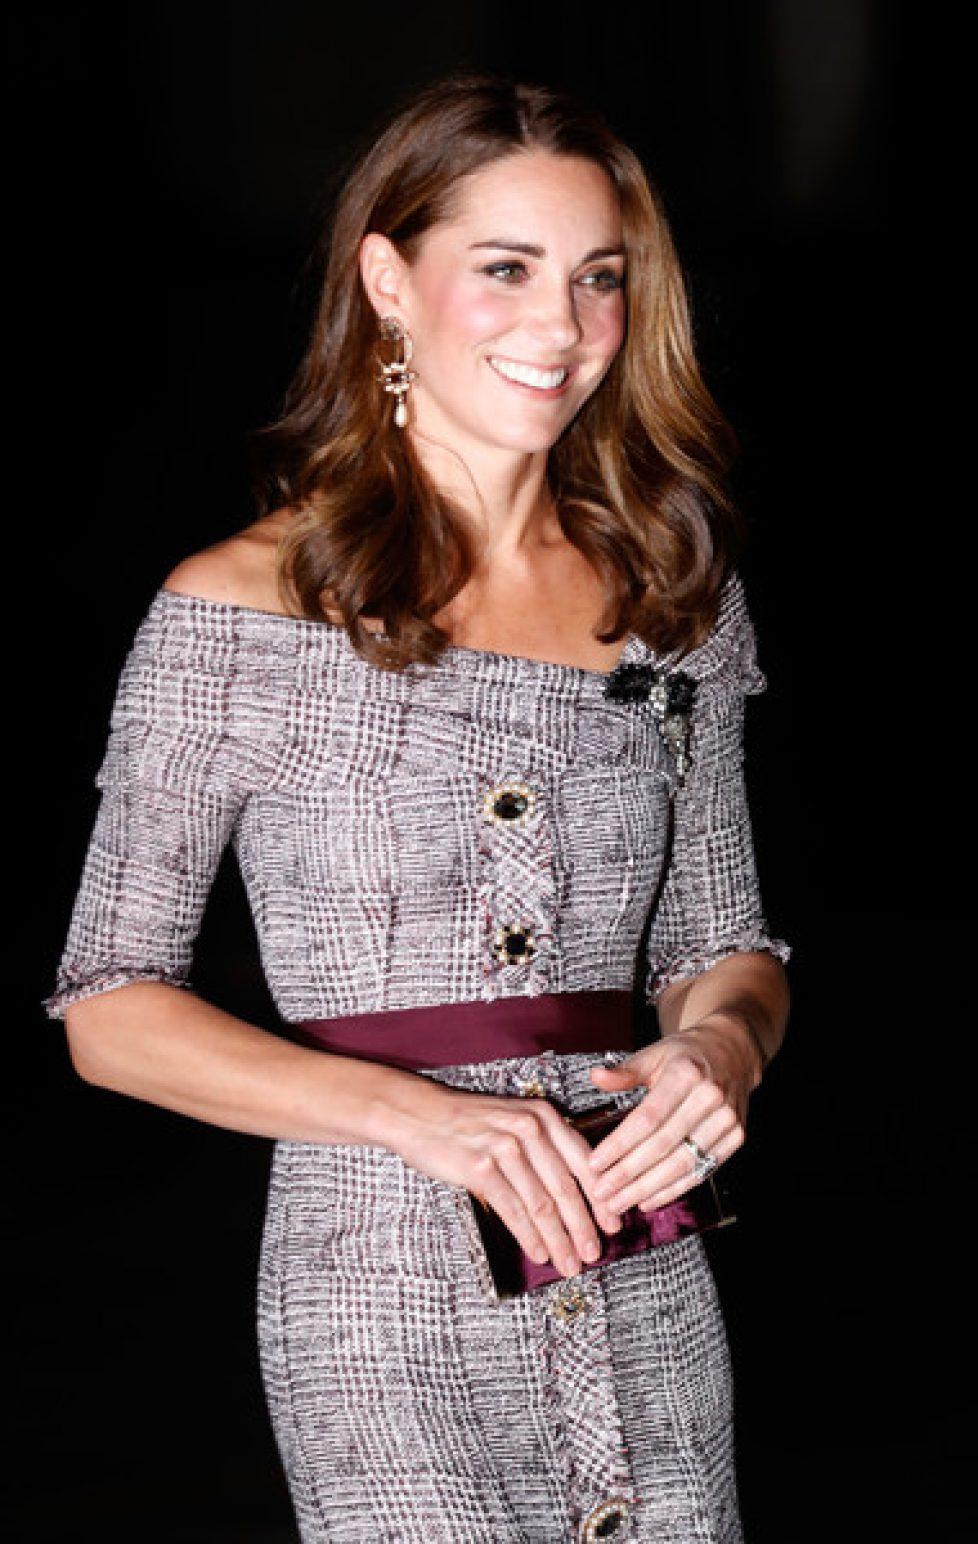 Duchess+Cambridge+Opens+V+Photography+Centre+0vJP_nV-kfRl